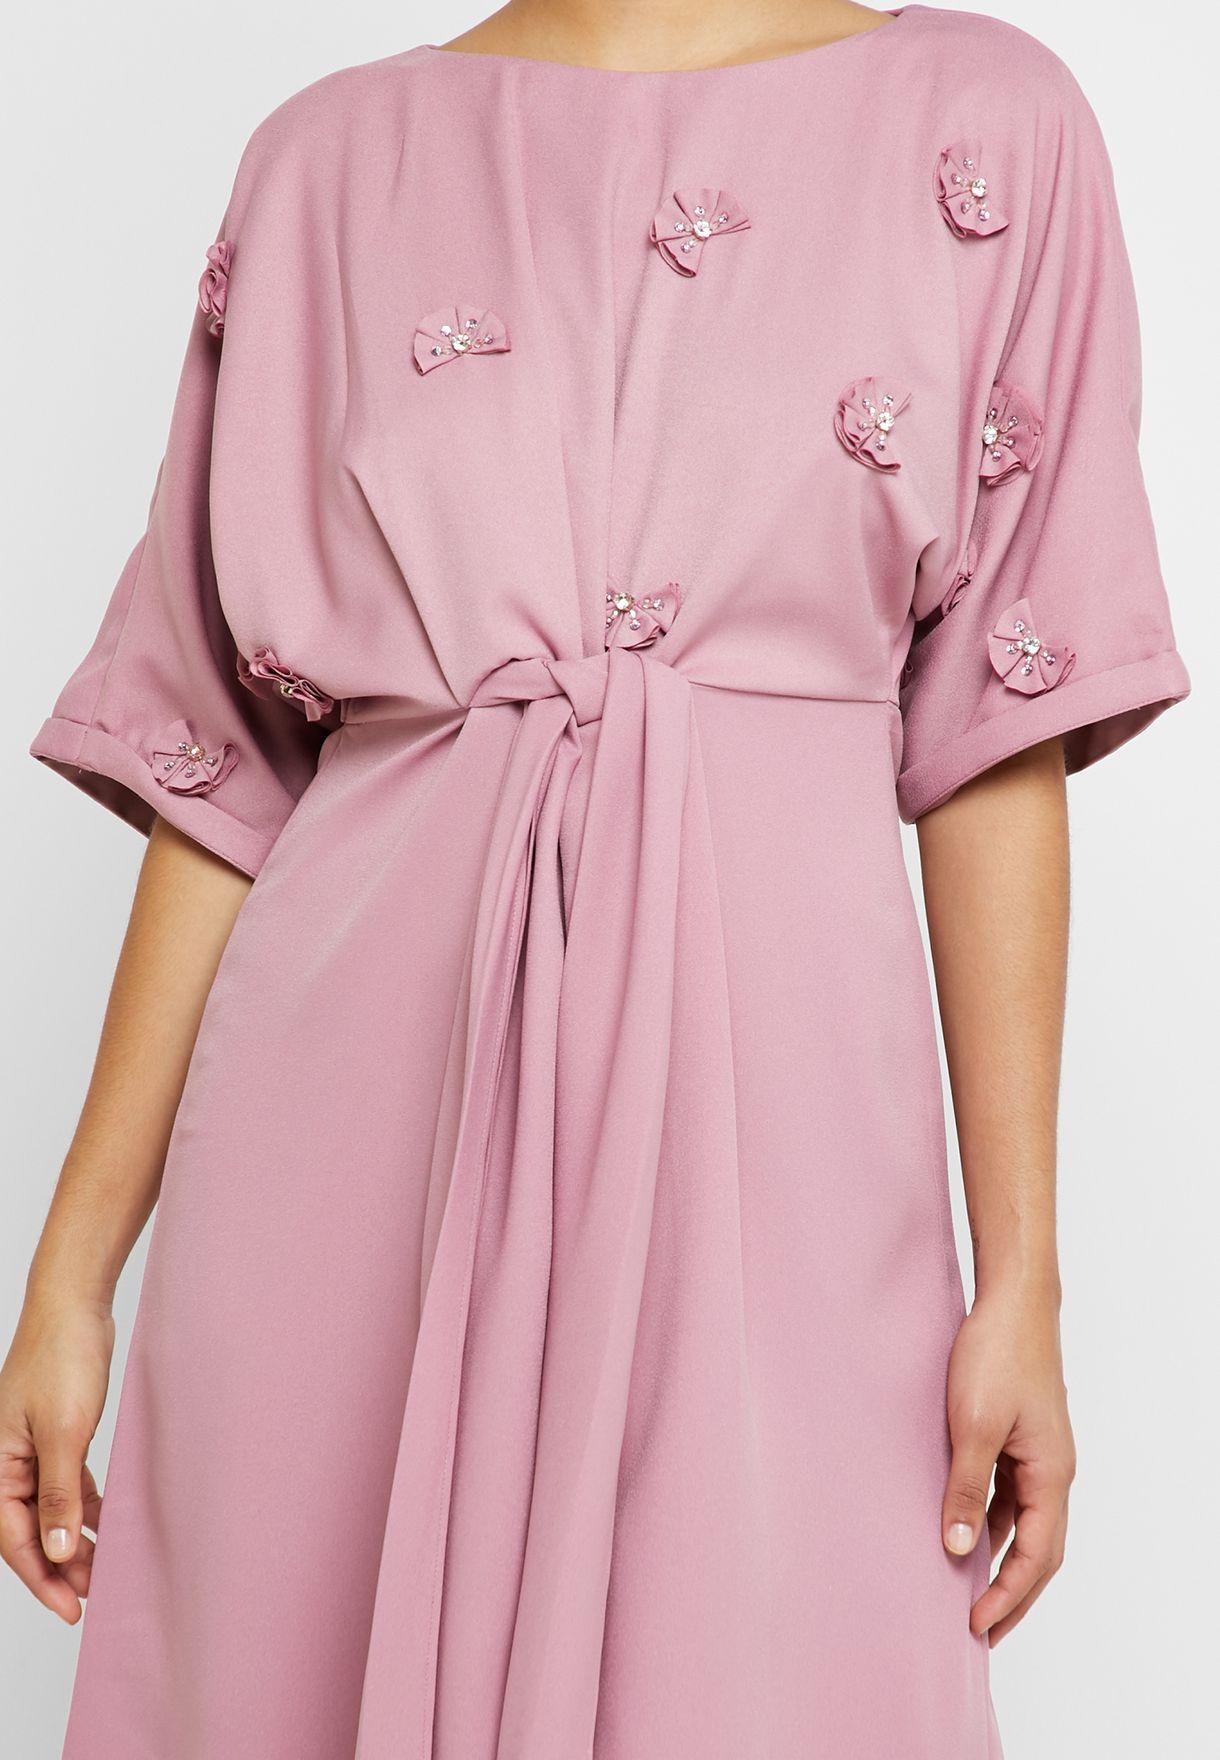 Floral Applique Belted Dress